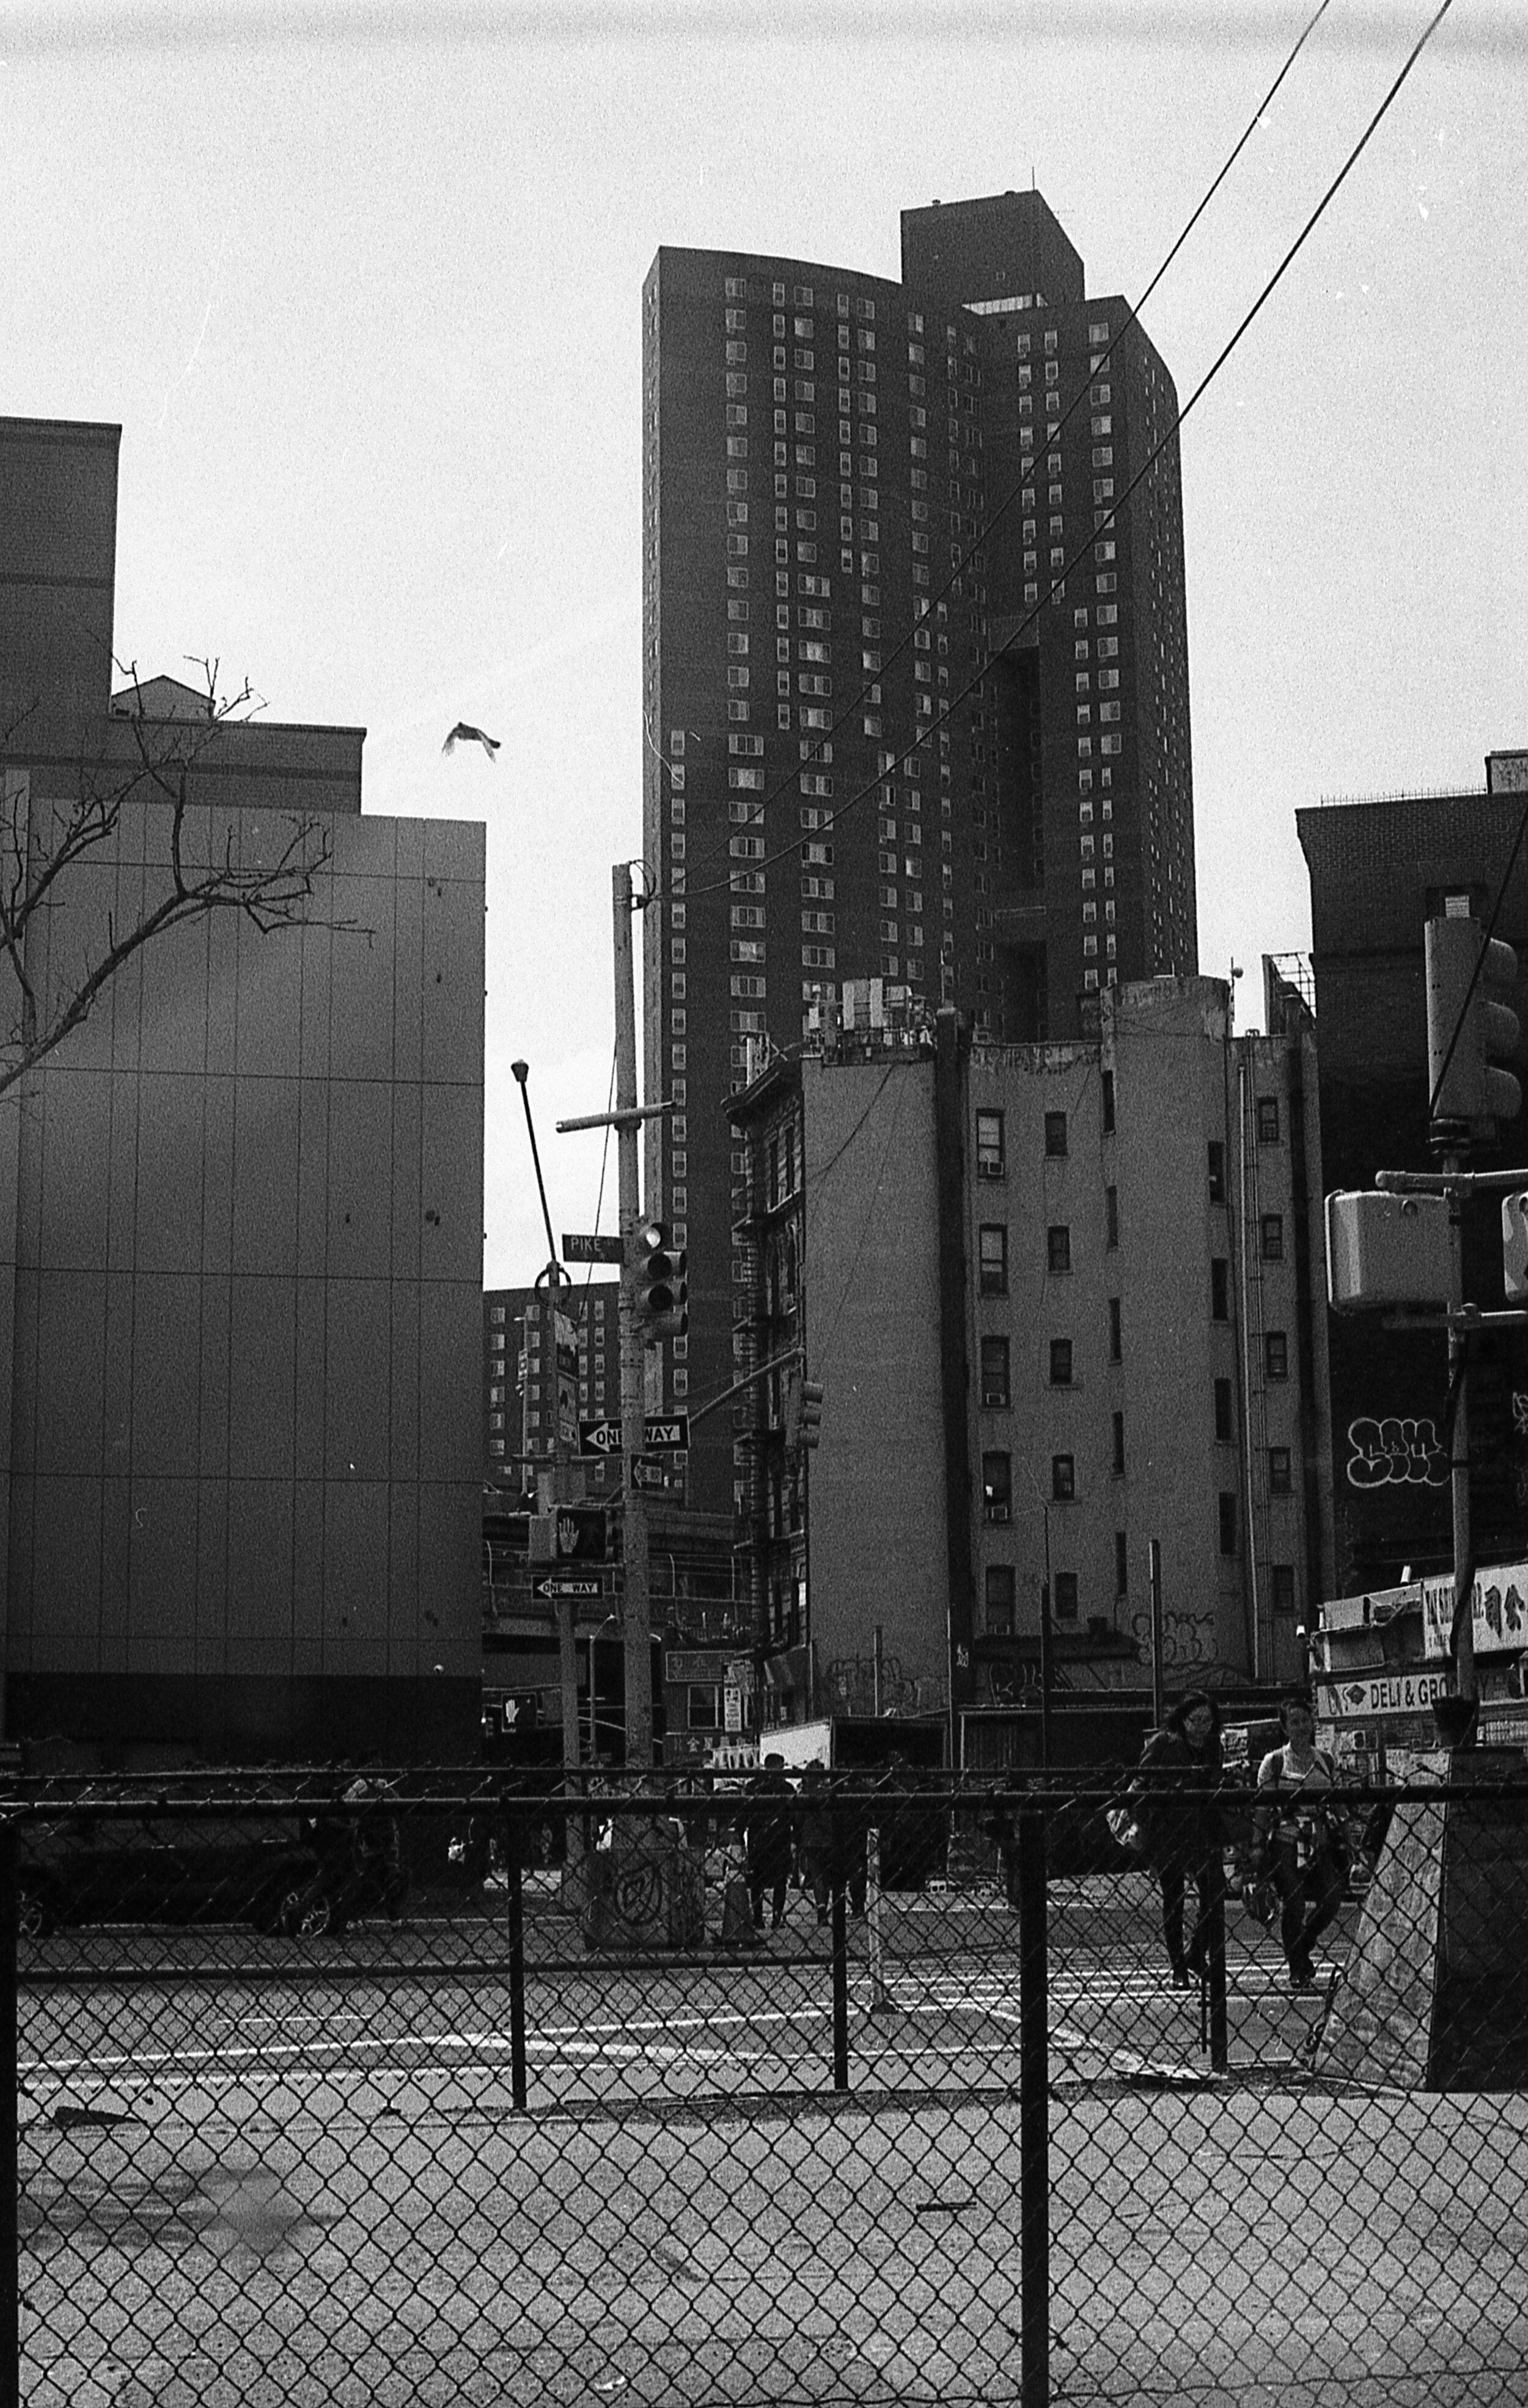 NYTX1816257.jpg